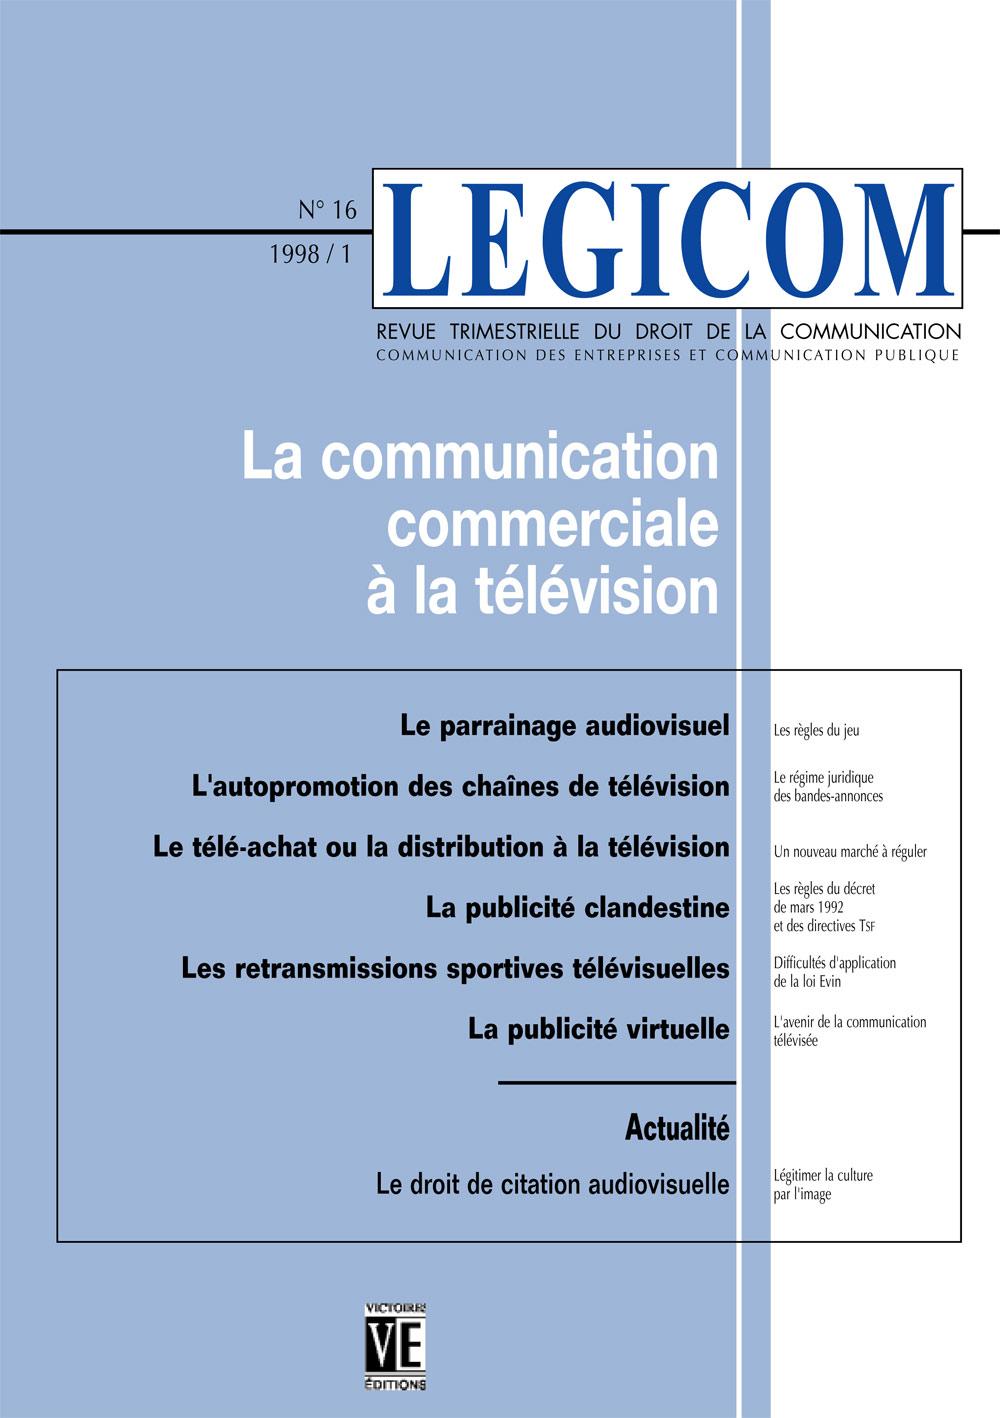 Le Droit De Citation Audiovisuelle Légitimer La Culture